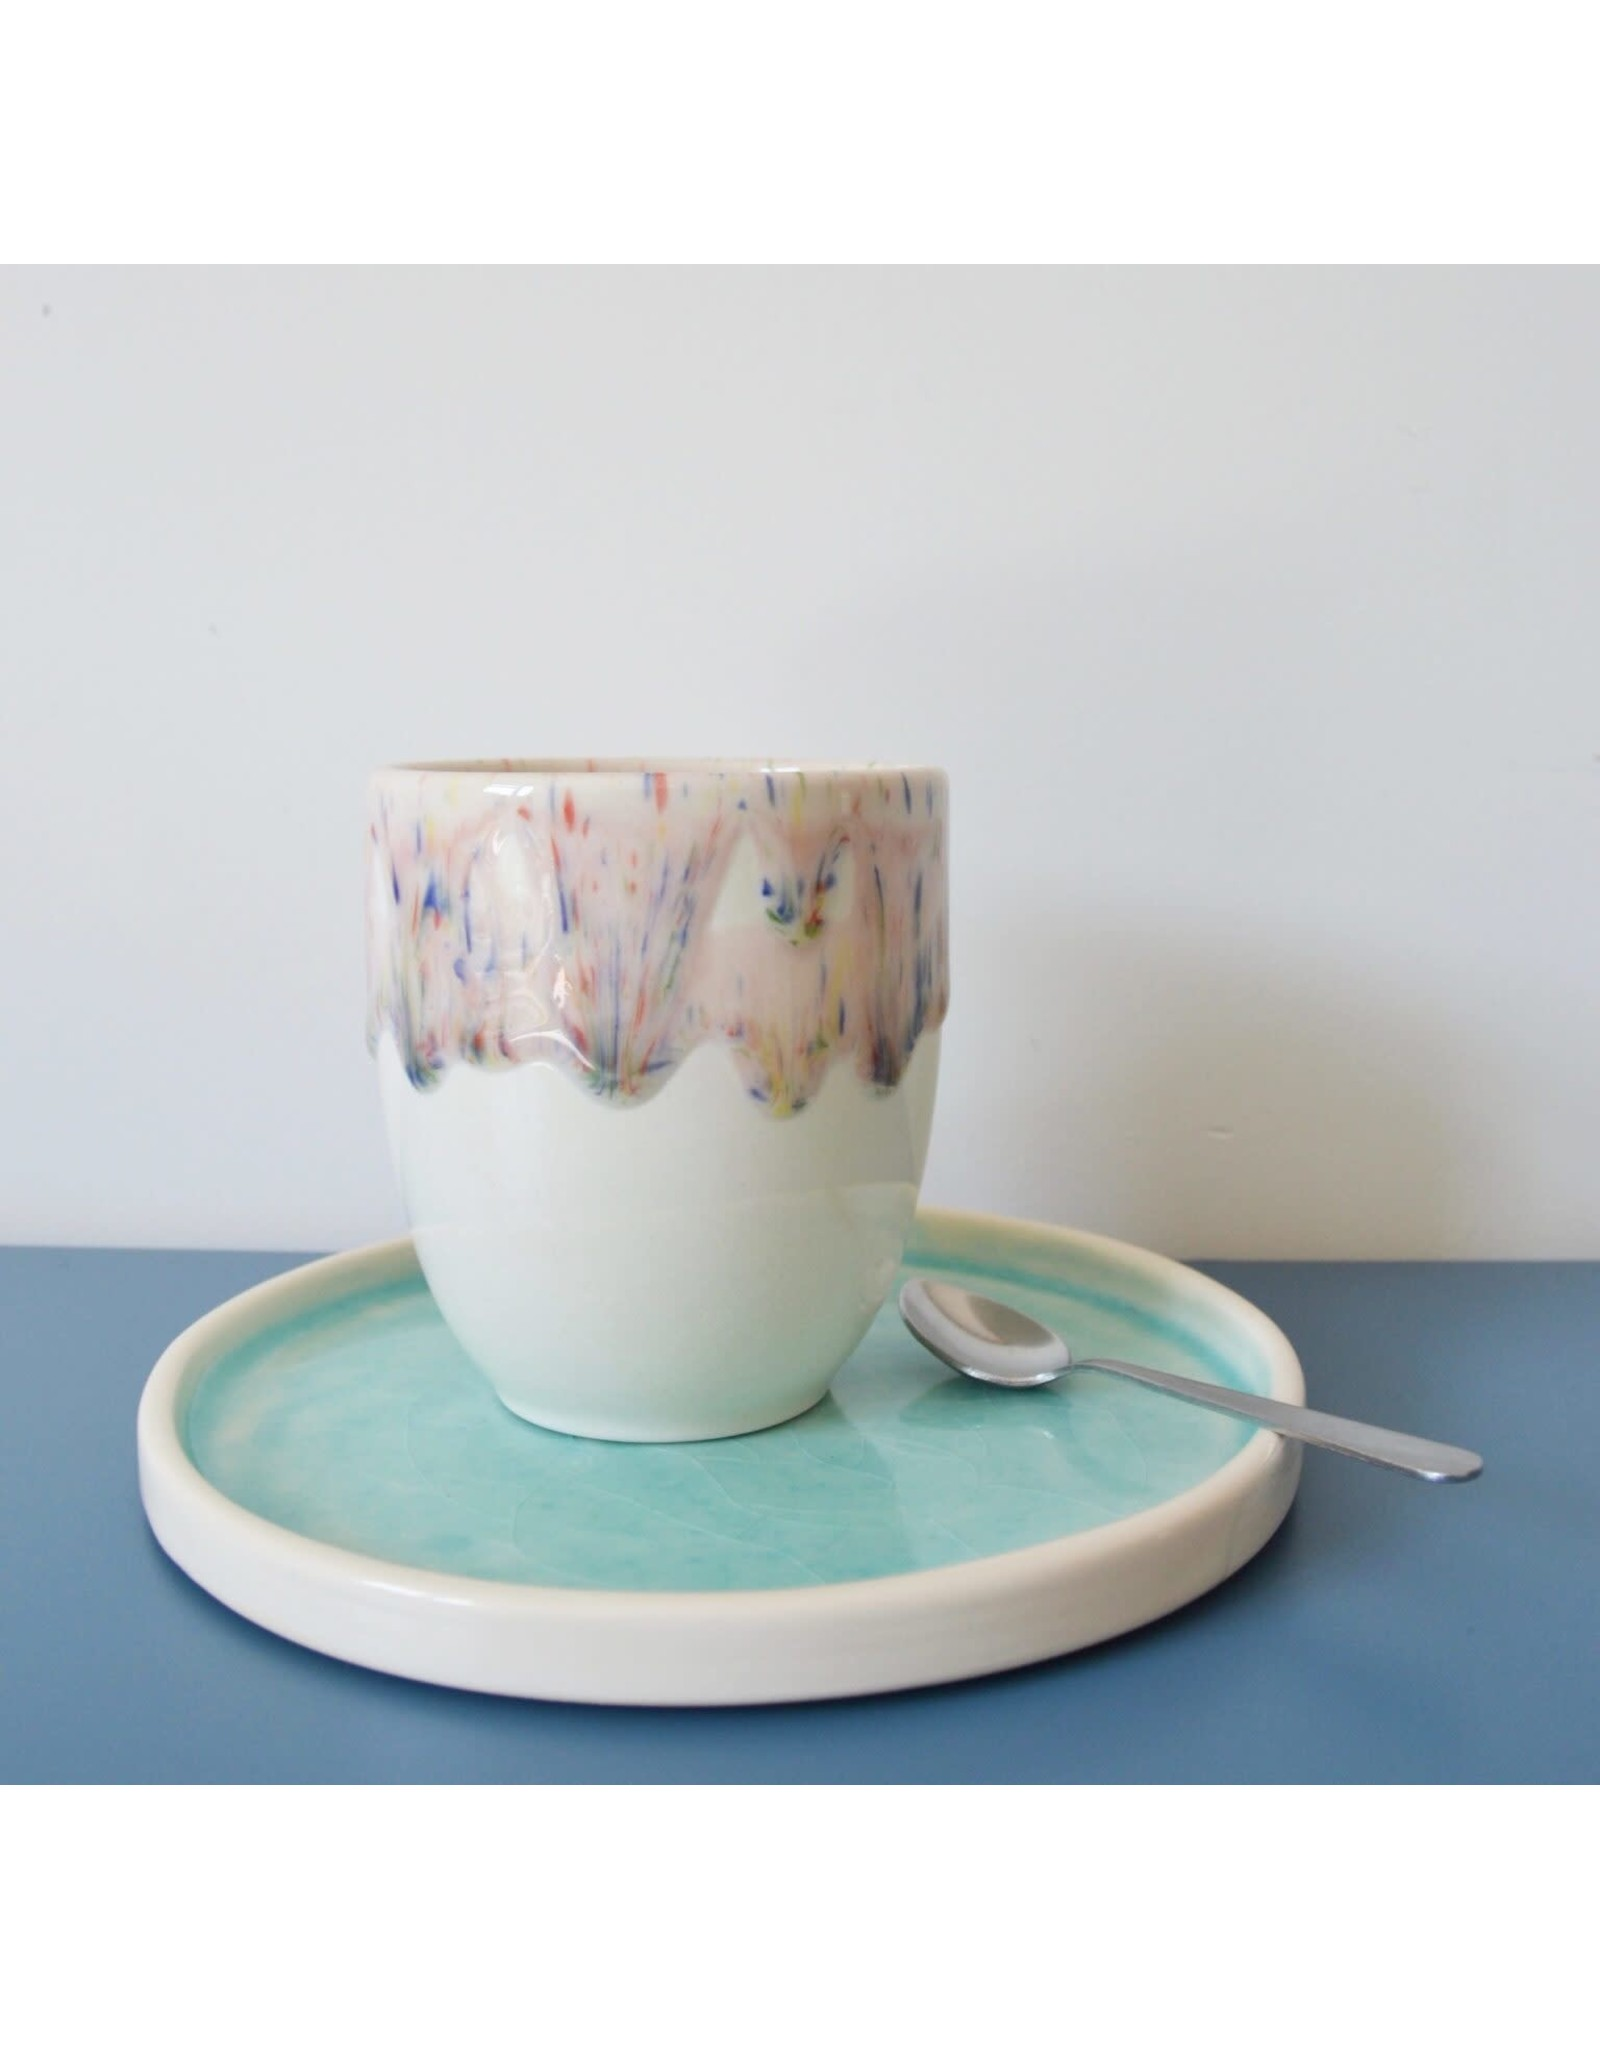 Kesemy design Cup, Rustig aan - 350ml - Ø 9 x 10,5 cm